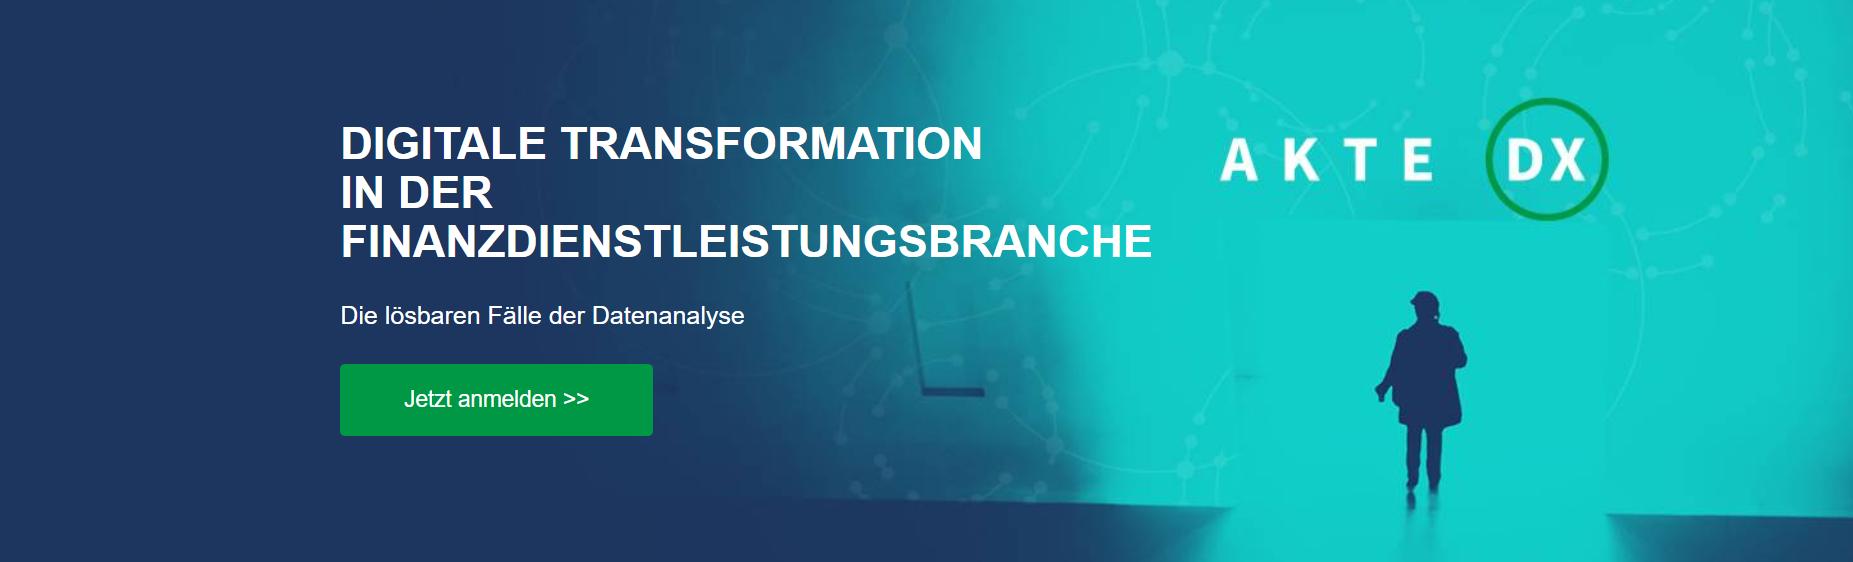 Digitale Transformation in der Finanzdienstleistungsbranche